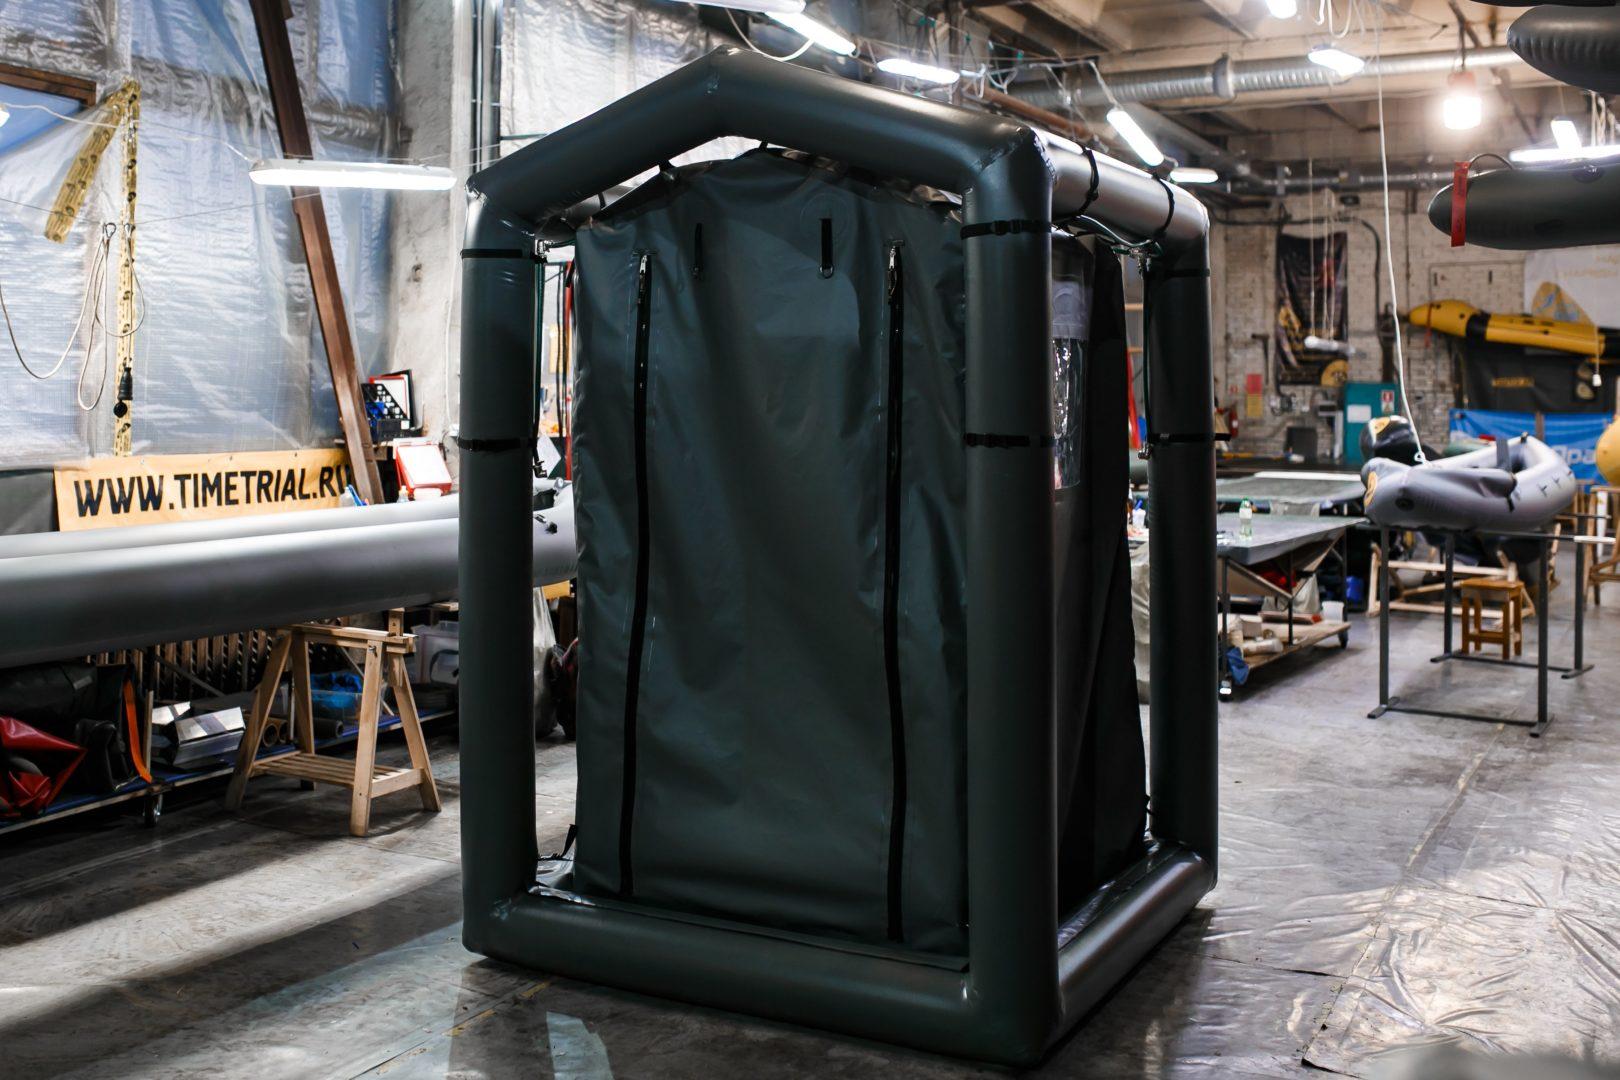 Быстровозводимая мобильная дезактивационная палатка для обеззараживания и дезинфекции одежды, СИЗ